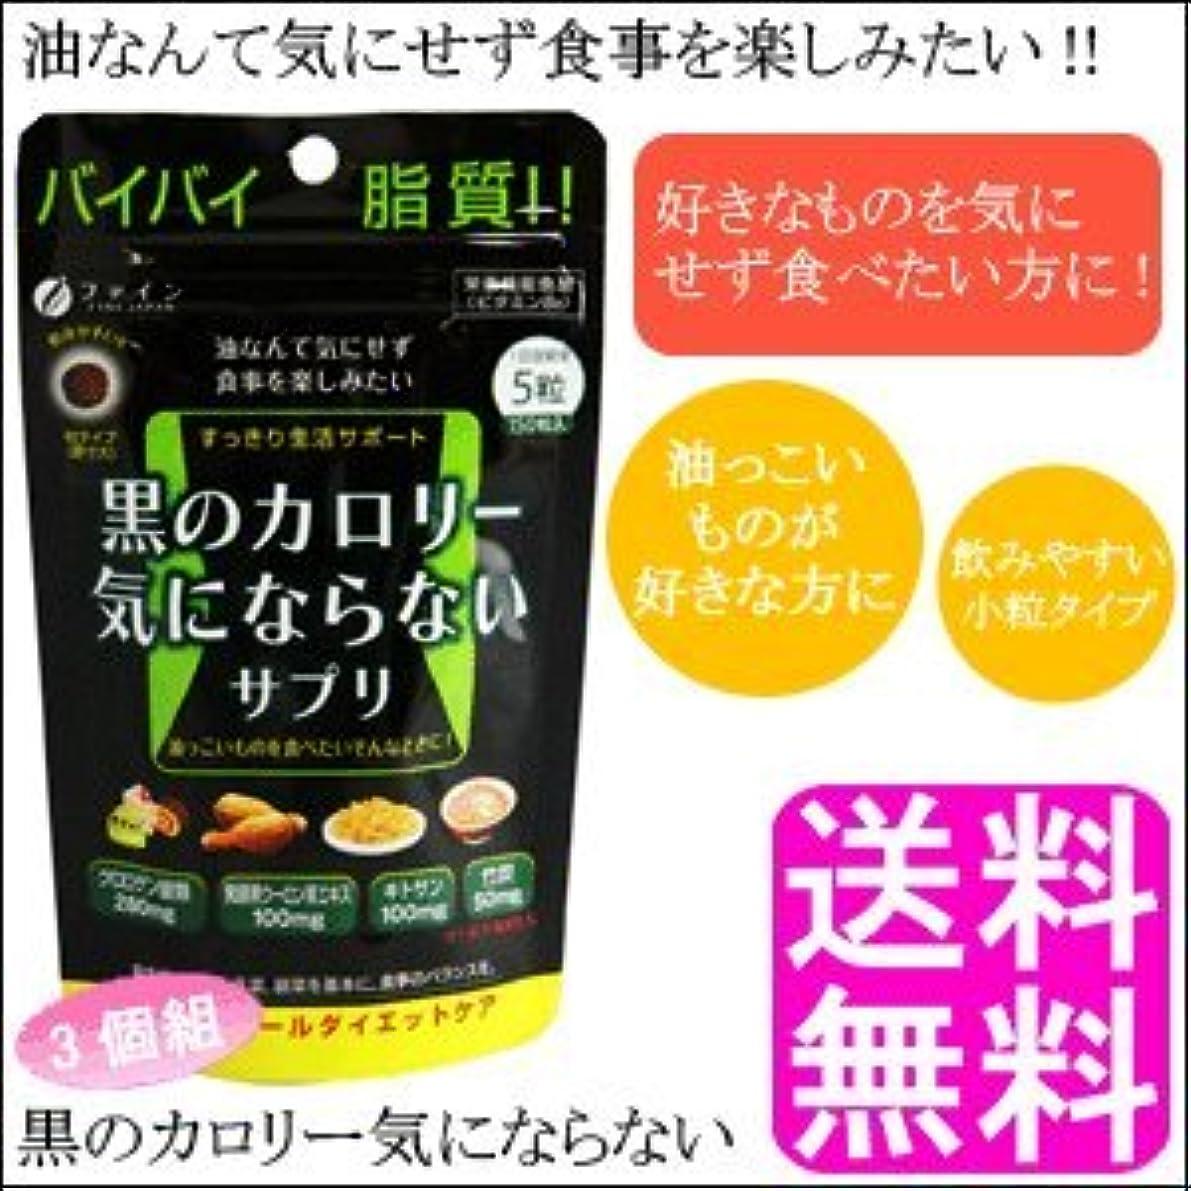 値不純小康ファイン 黒のカロリー気にならないサプリ(200mg×150粒)【3袋組】